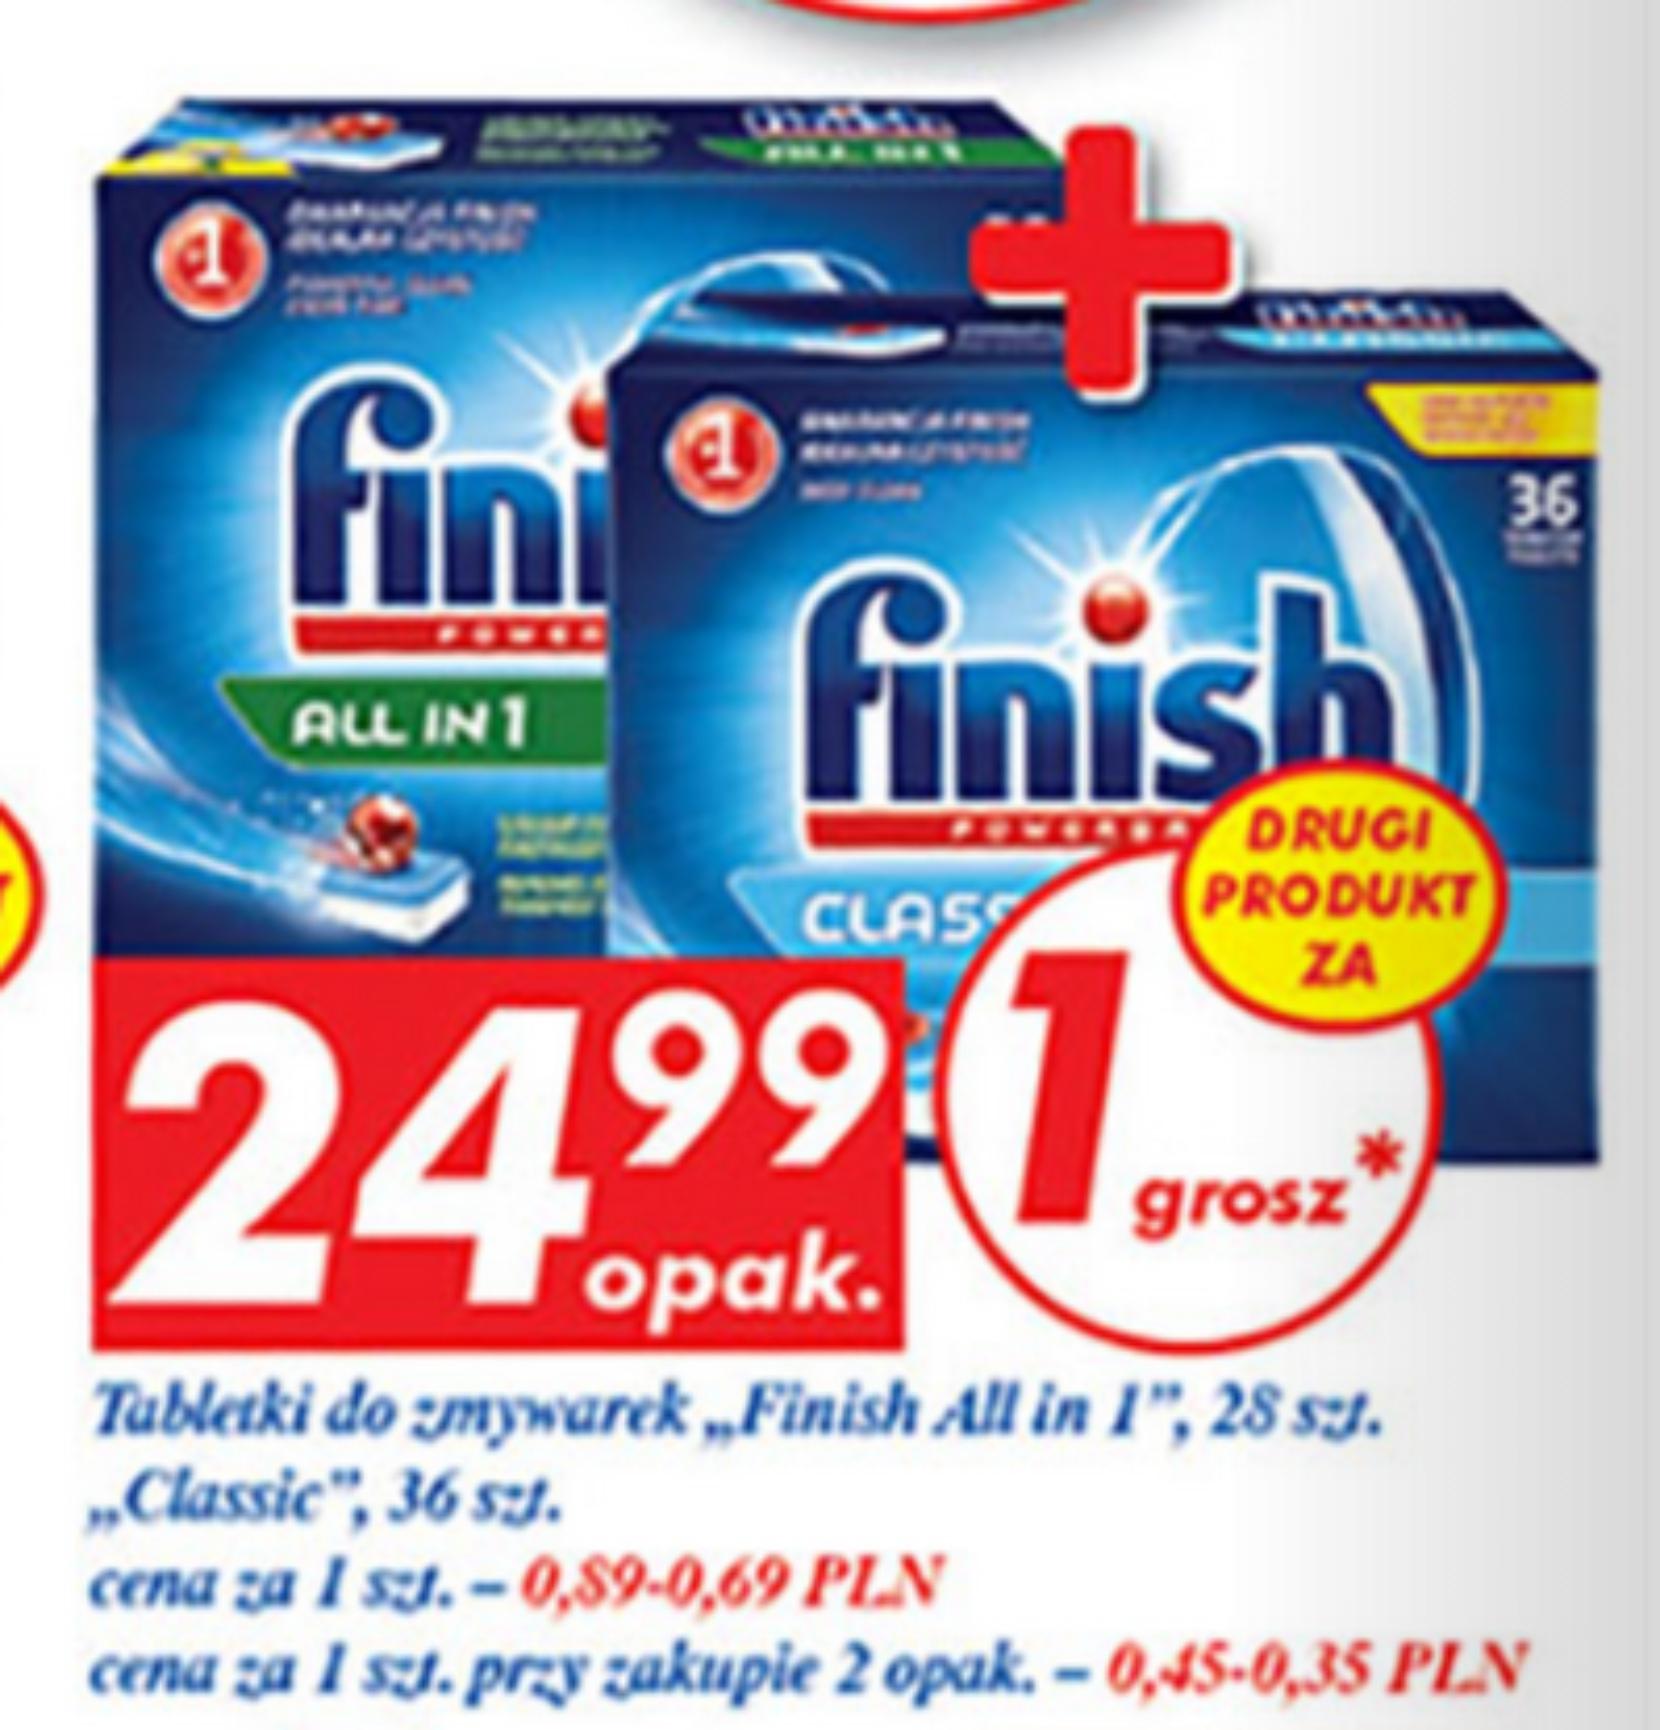 Tabletki do zmywarki finish - 2 opakowania - 0,45zł/ lub 0,35zł/ zmywanie